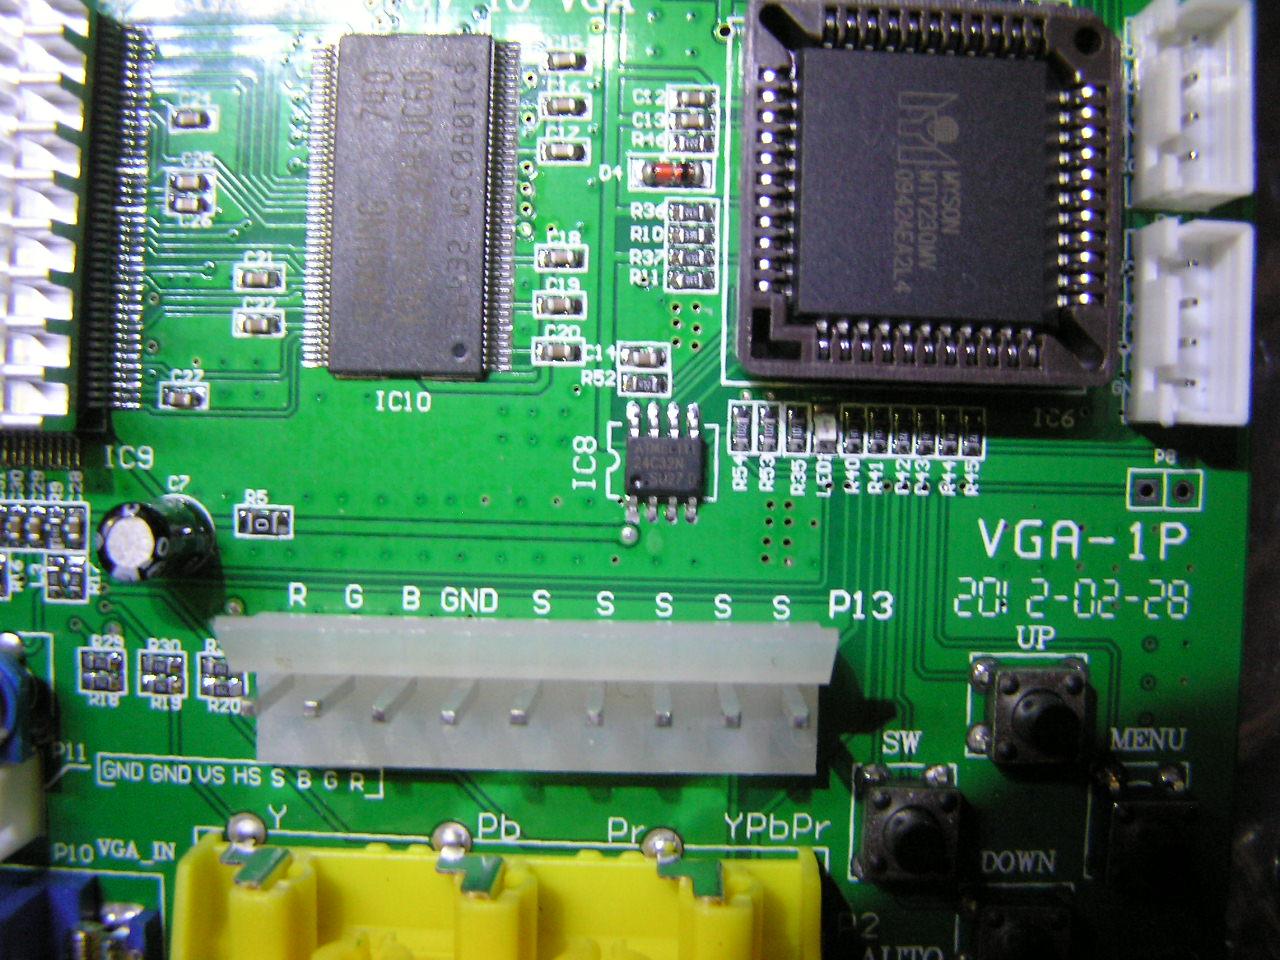 VGA-1P-02